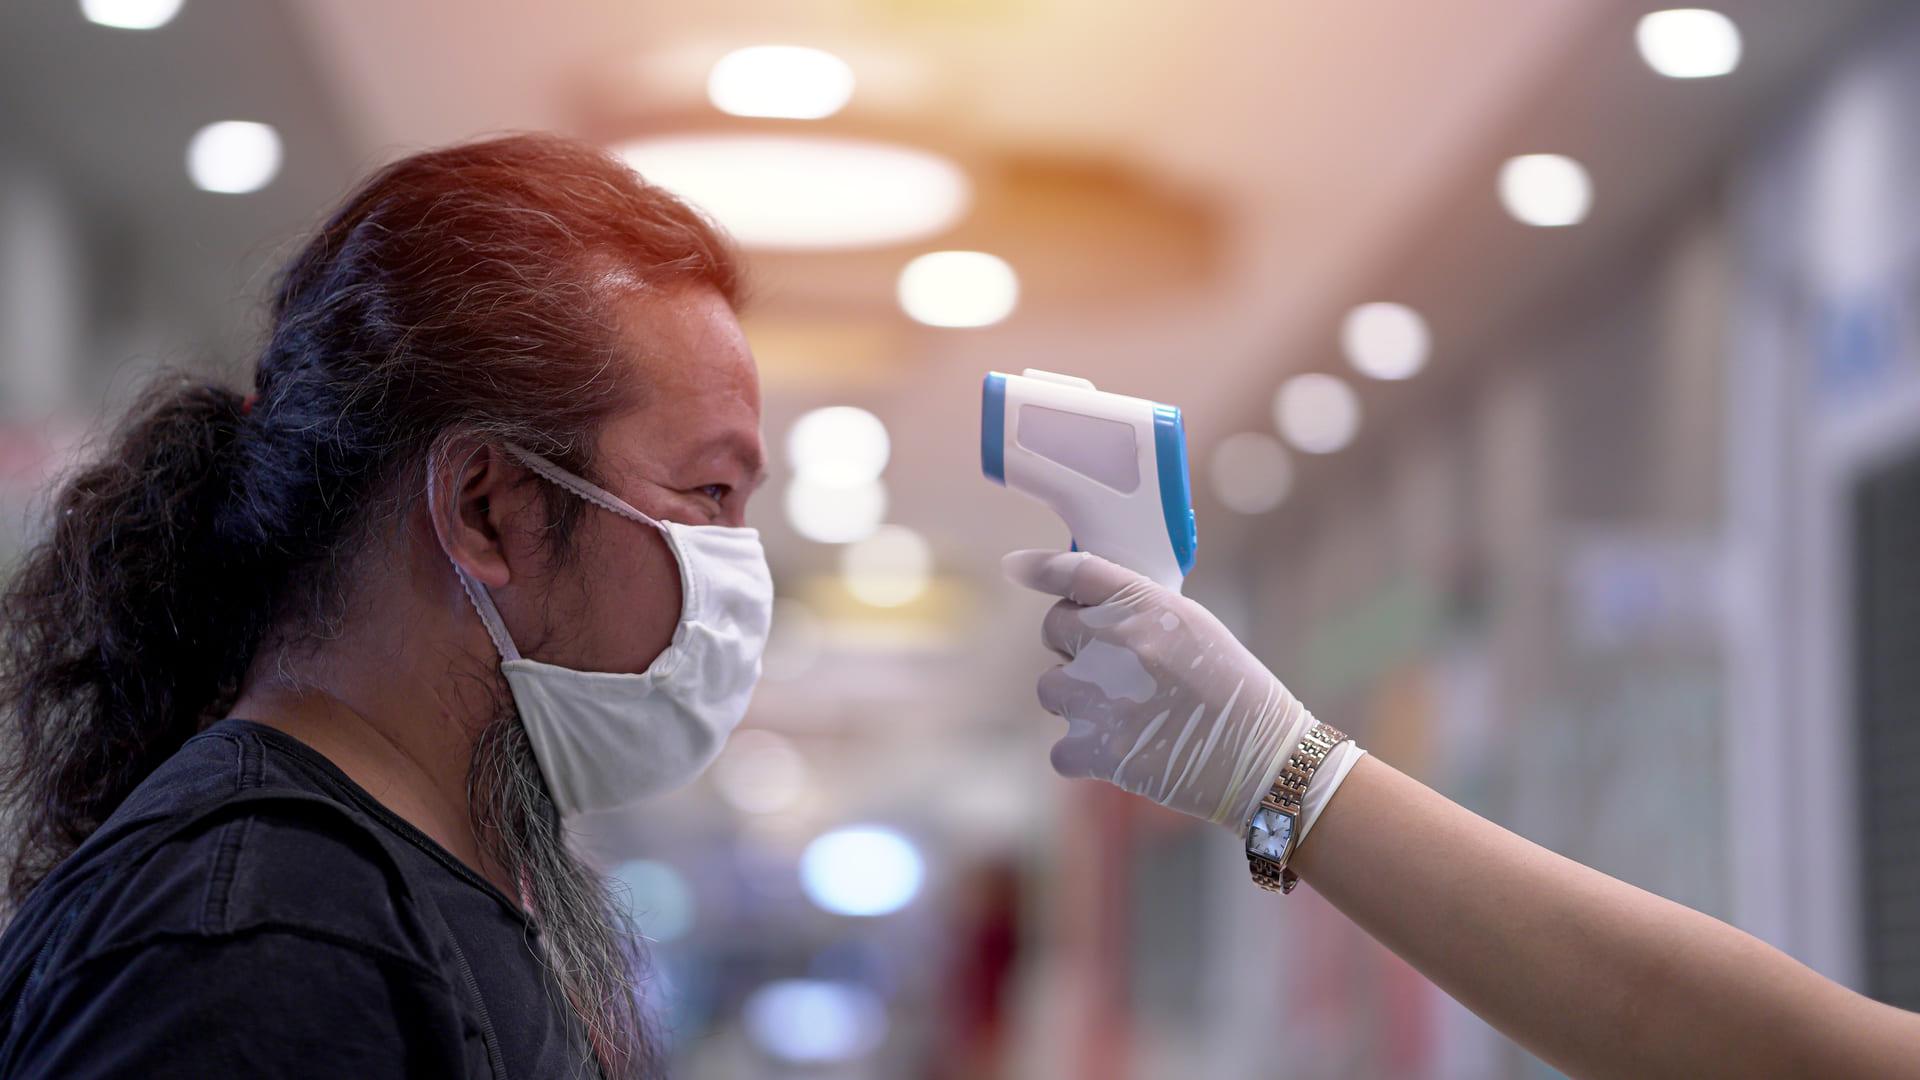 main mesurant la température corporelle d'un homme avec une caméra thermique